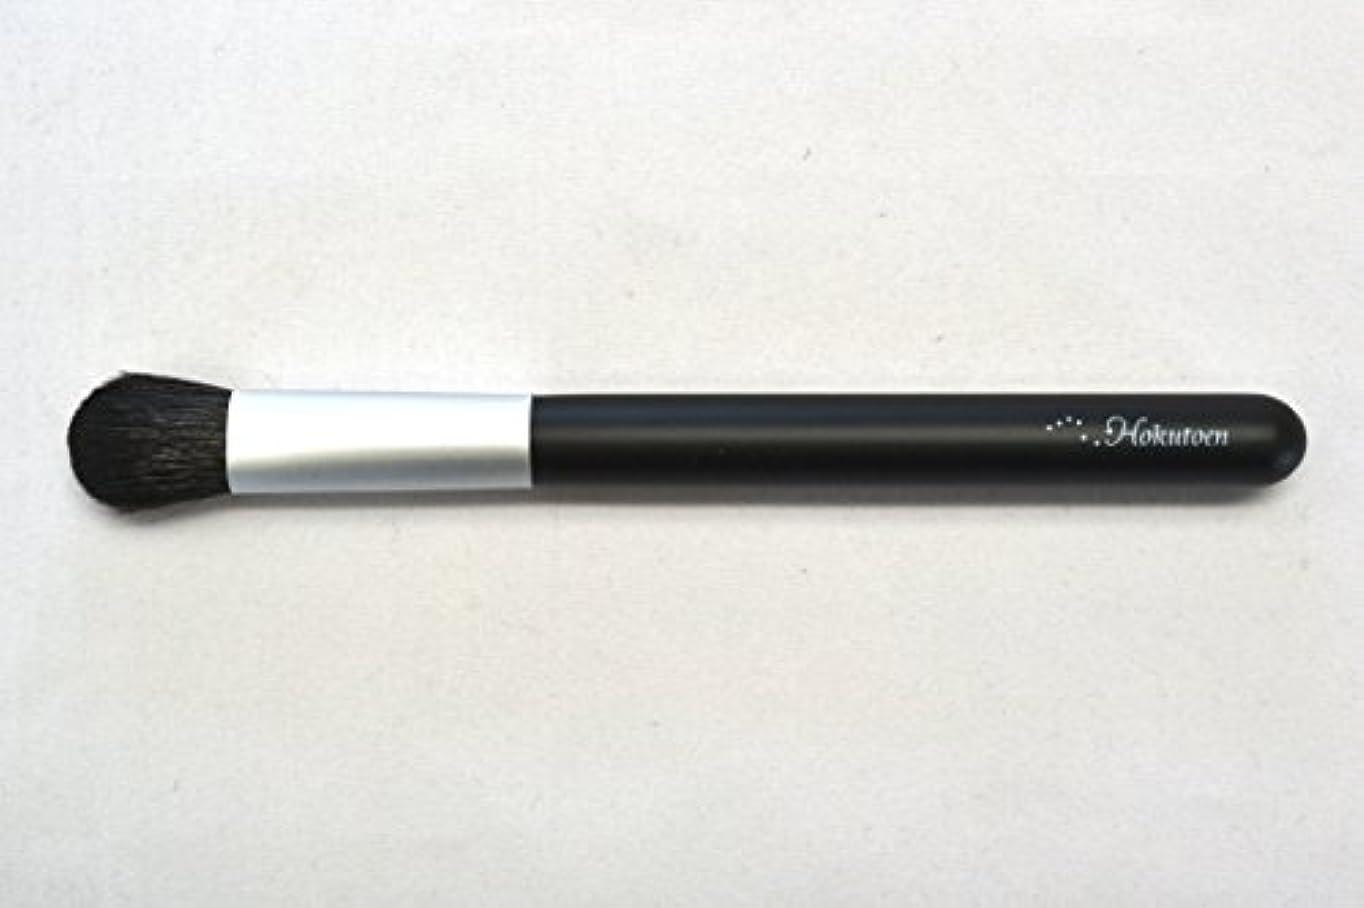 繊毛瞑想的覚醒熊野筆 北斗園 Kシリーズ アイシャドウブラシ丸型(黒銀)